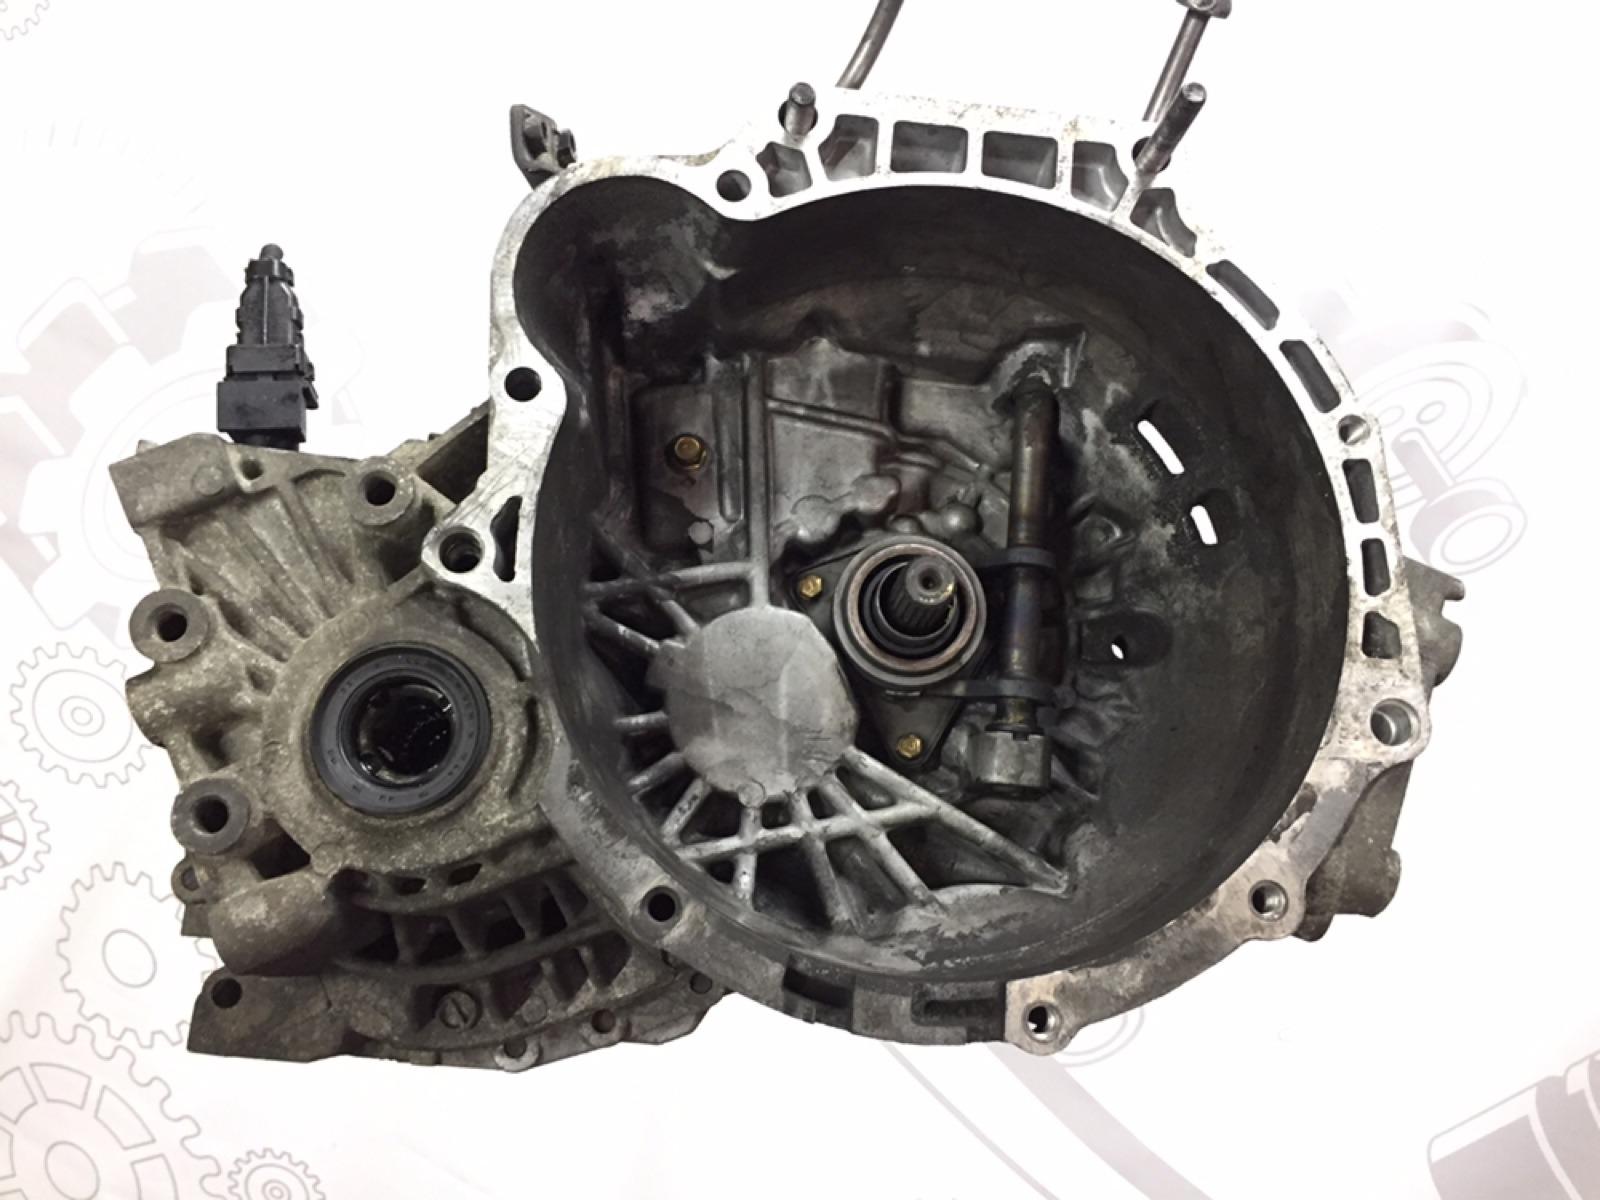 Кпп механическая (мкпп) Hyundai Matrix 1.6 I 2004 (б/у)